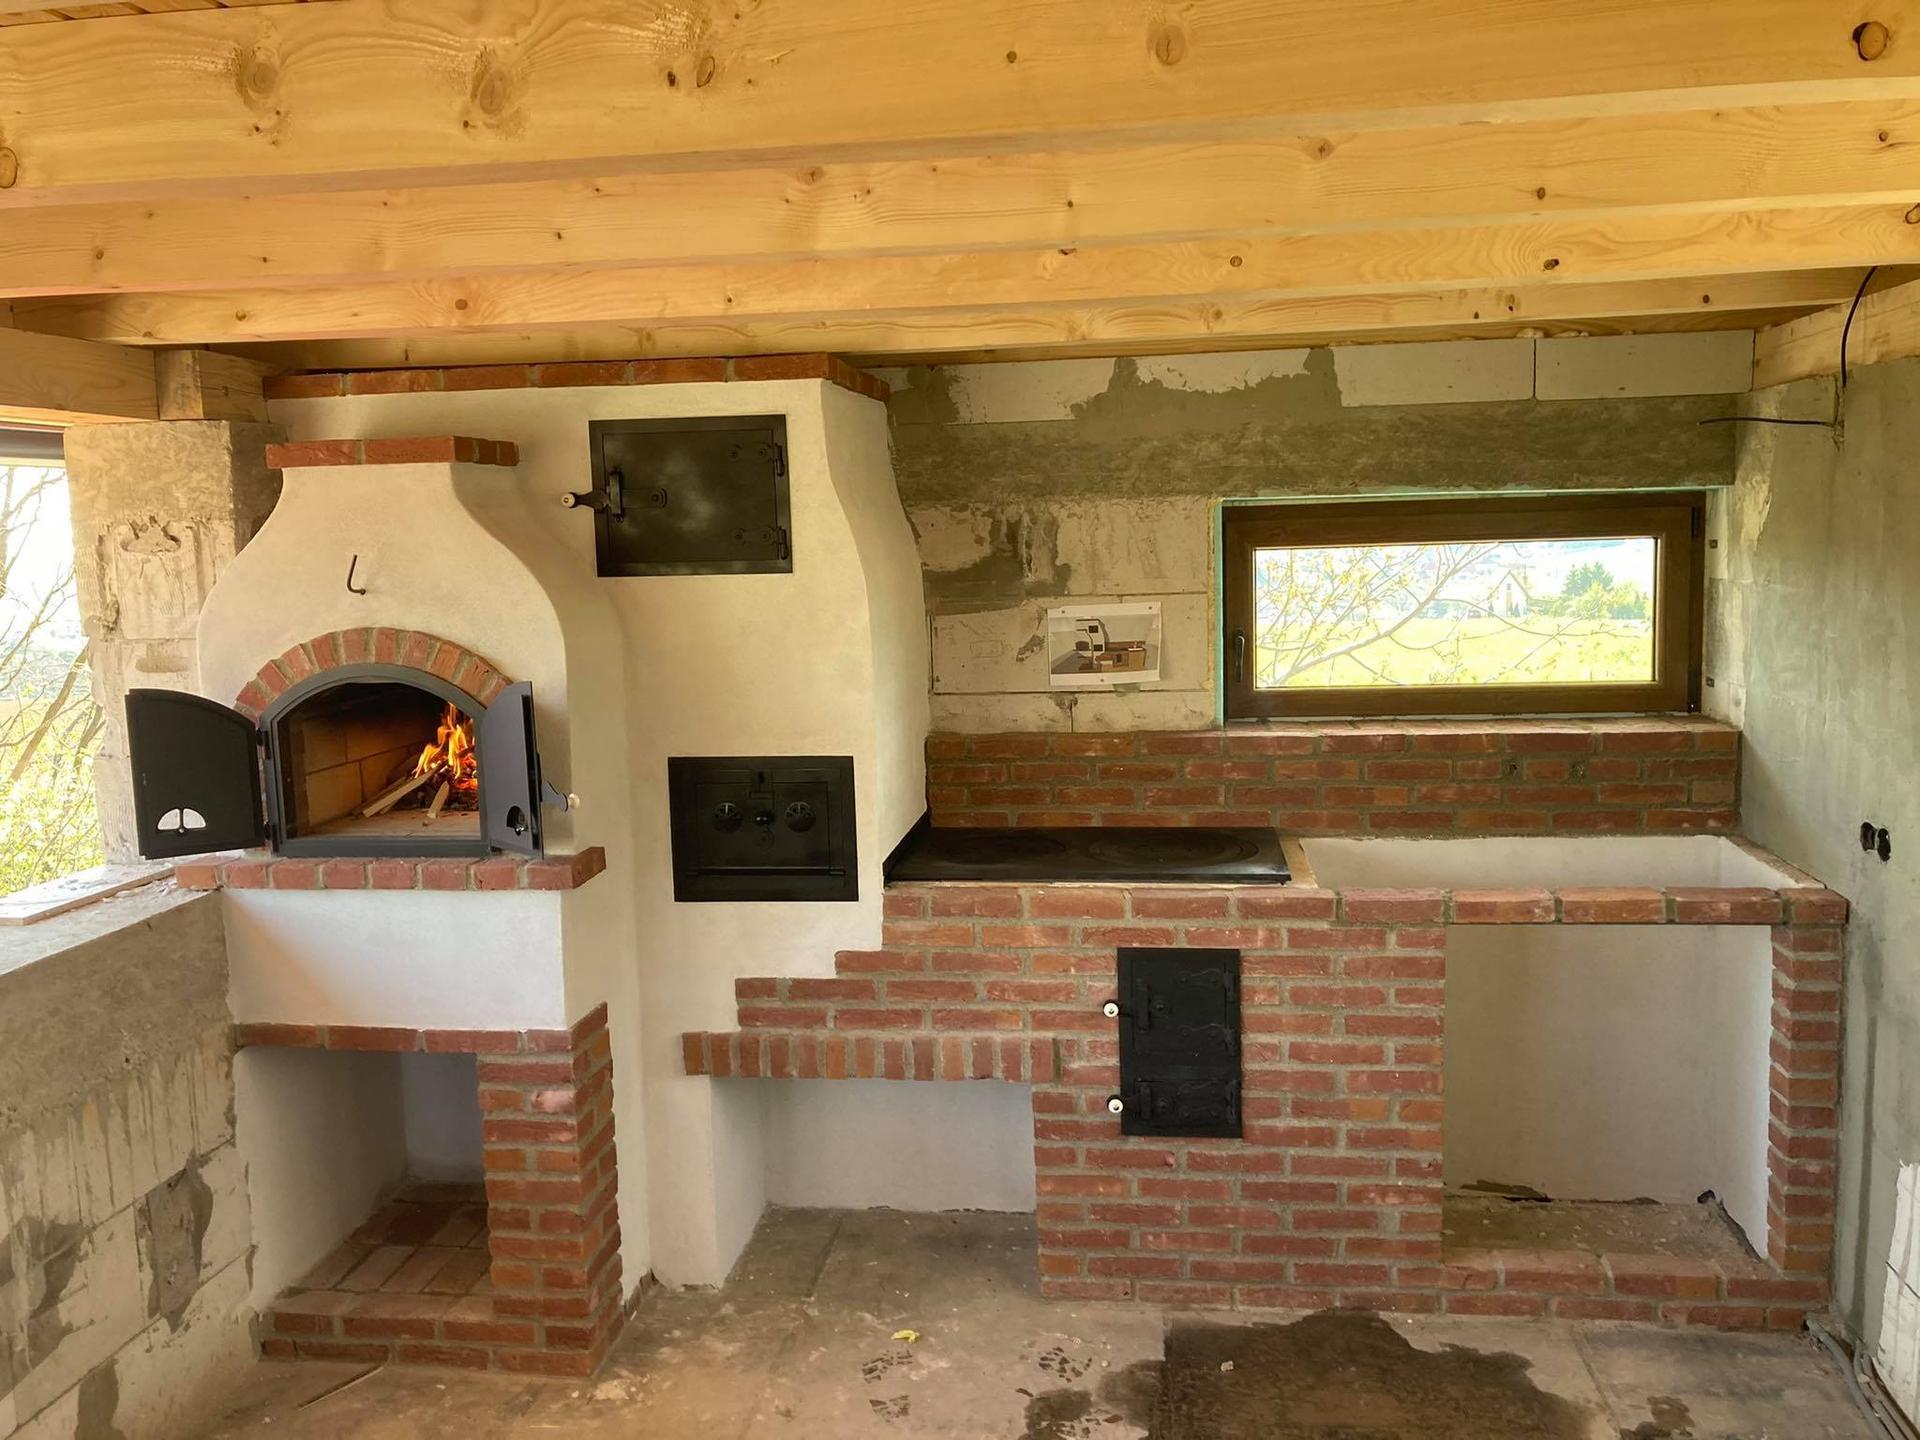 Záhradná kuchyňa pod Zoborom - Obrázok č. 1